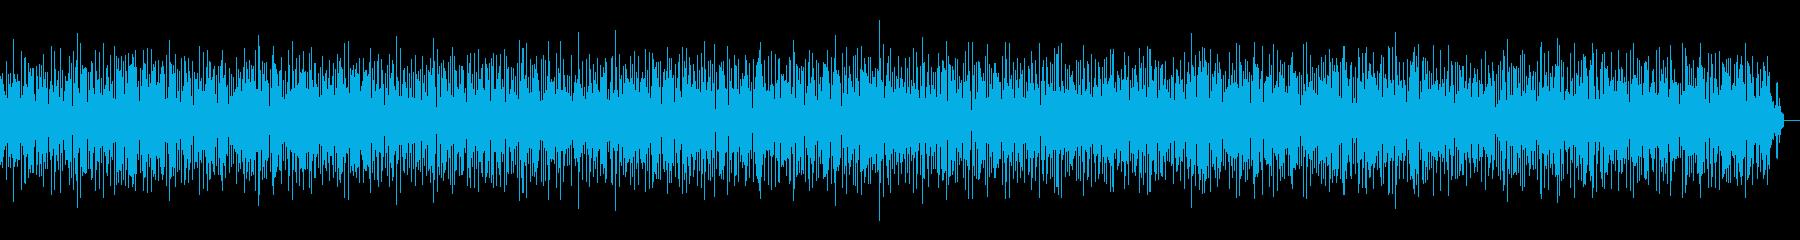 ヨーロッパ風な明るいアコーディオンジャズの再生済みの波形